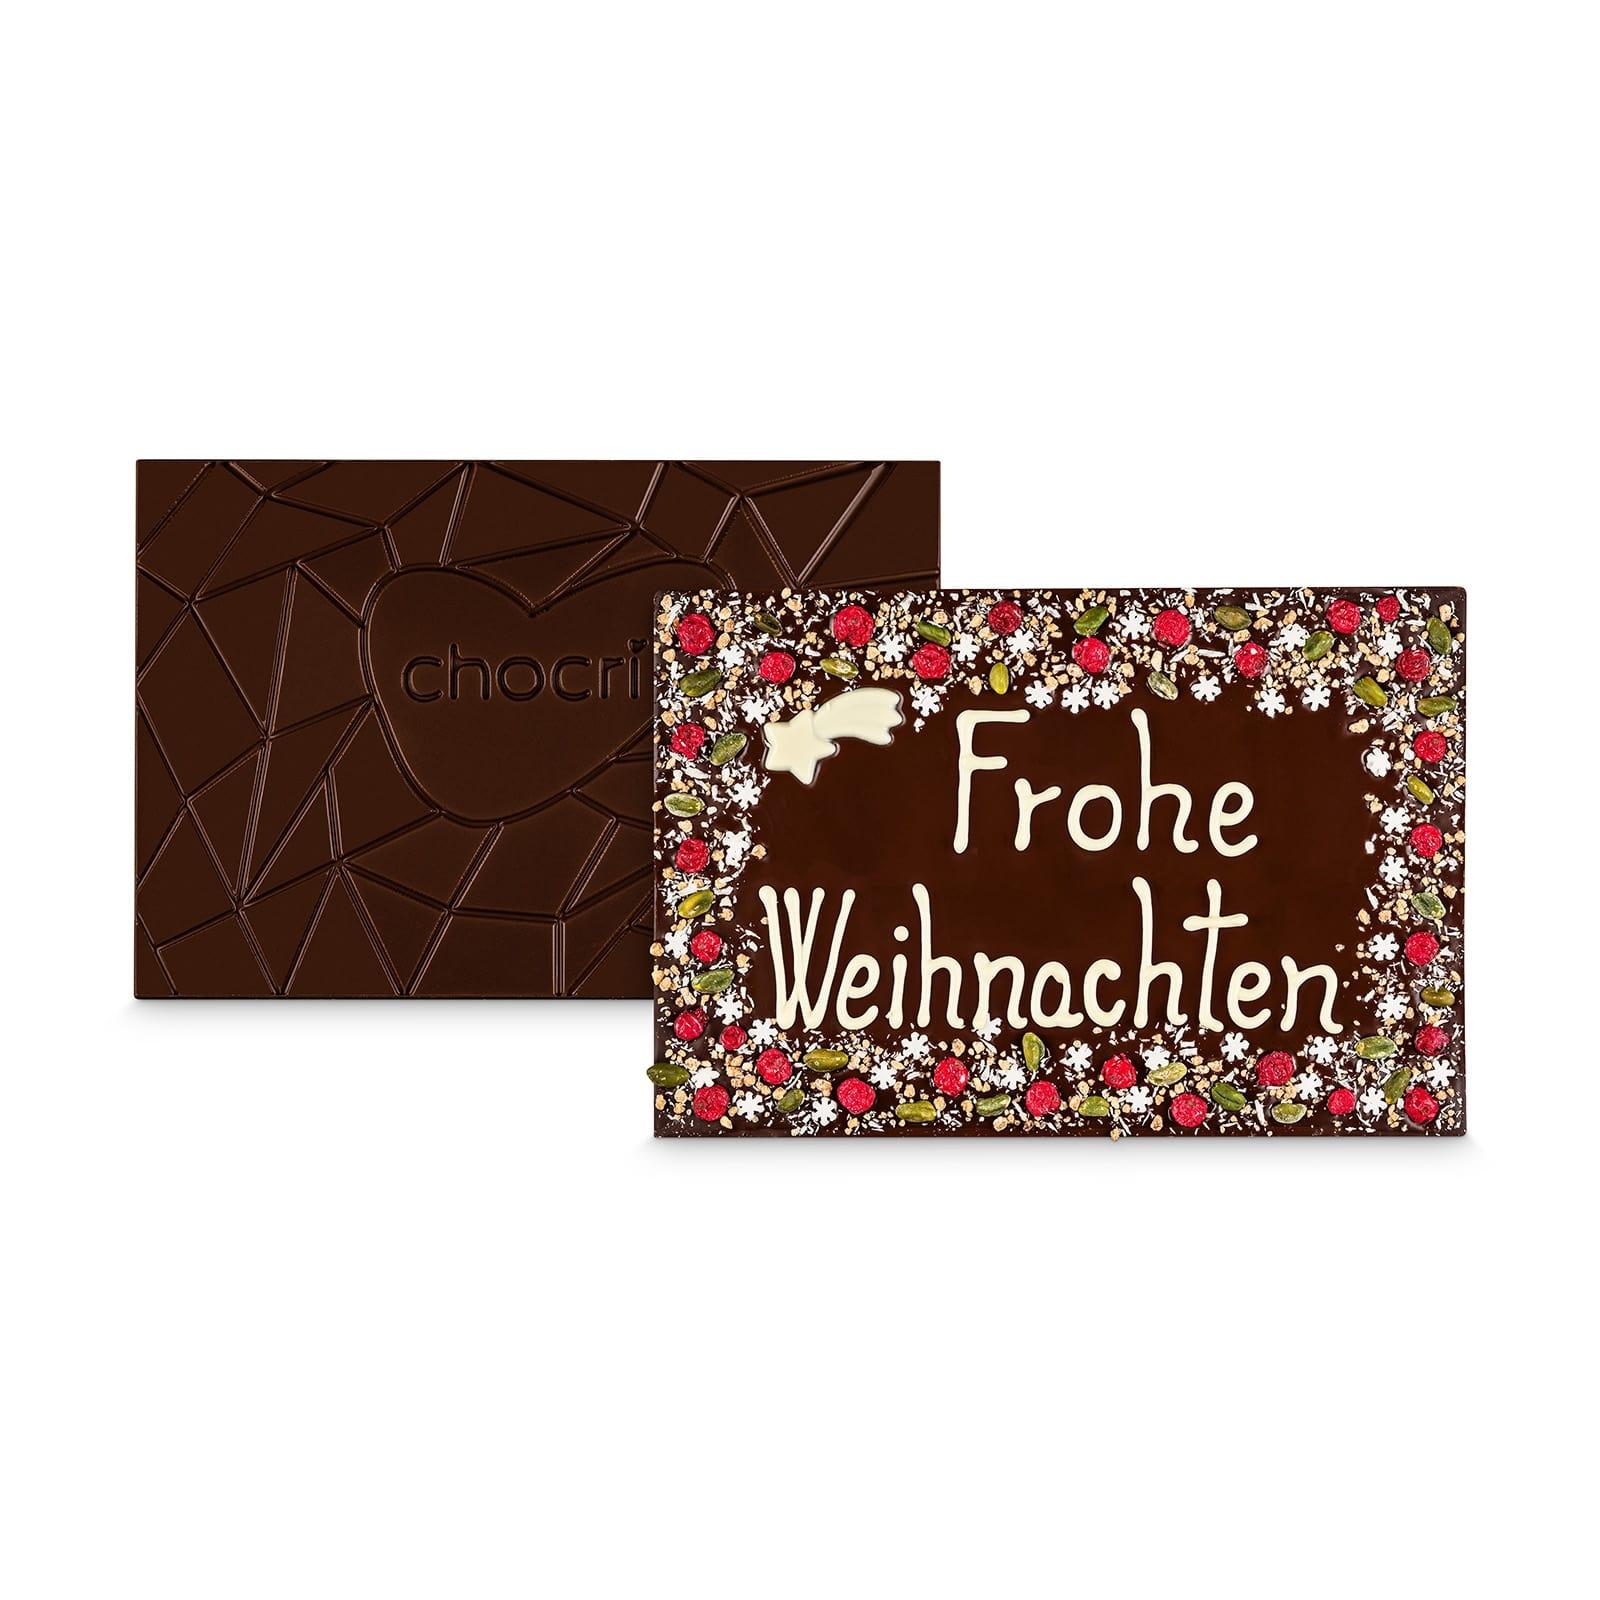 XXL Zartbitter-Schokoladentafel handbeschriftet mit 'Frohe Weihnachten' Botschaft in einer hochwertigen Holzkiste